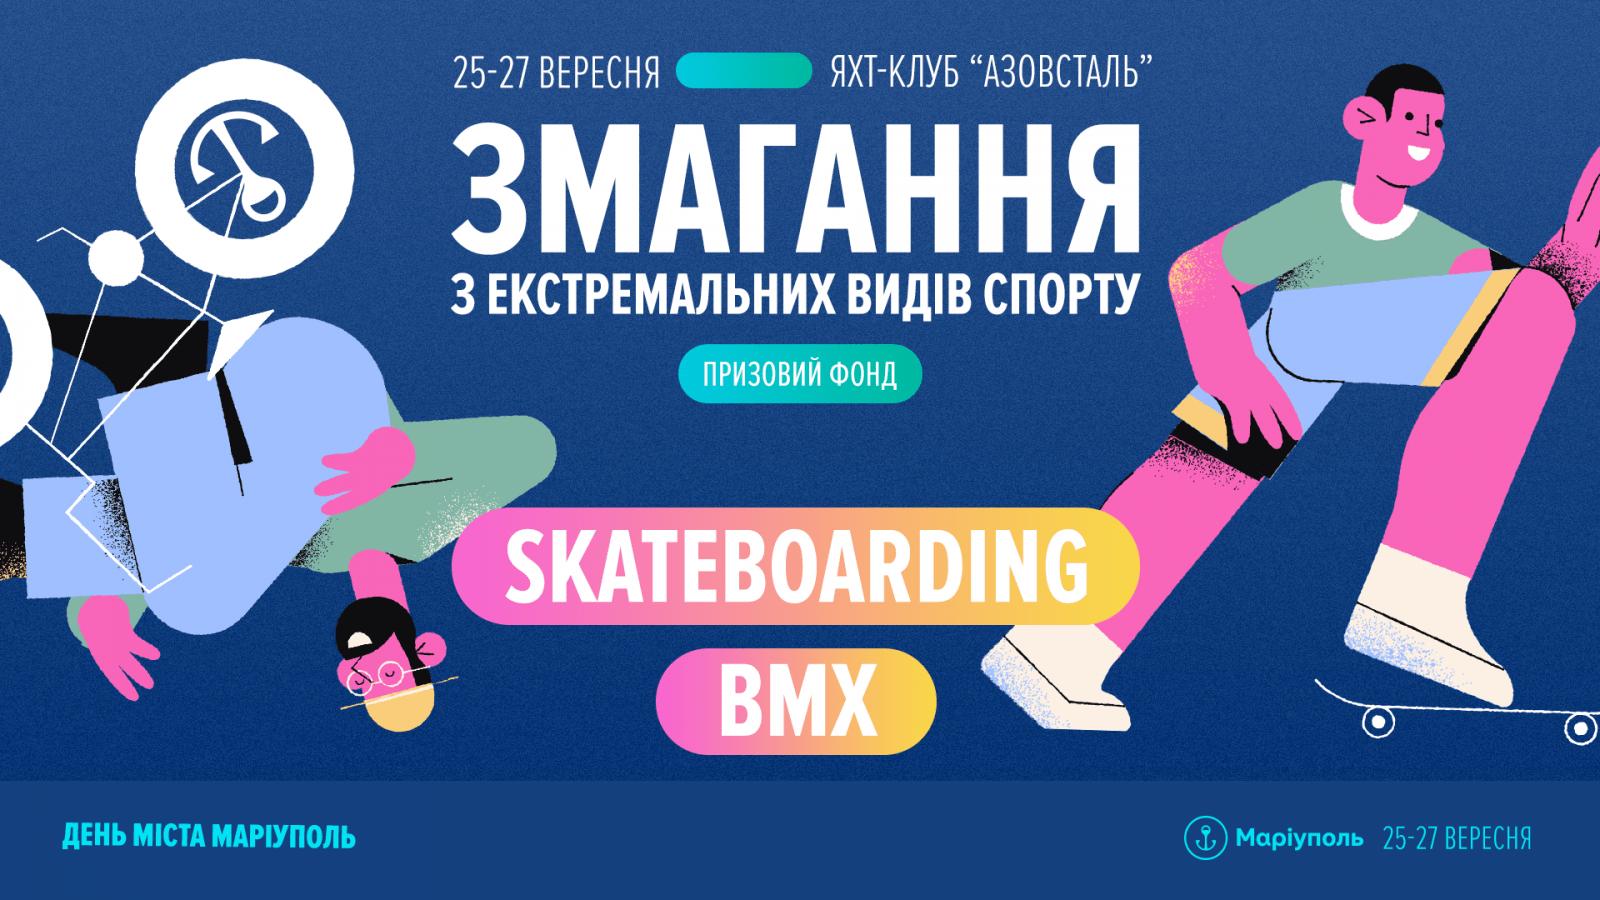 Змагання з екстремальних видів спорту: BMX та Skateboarding